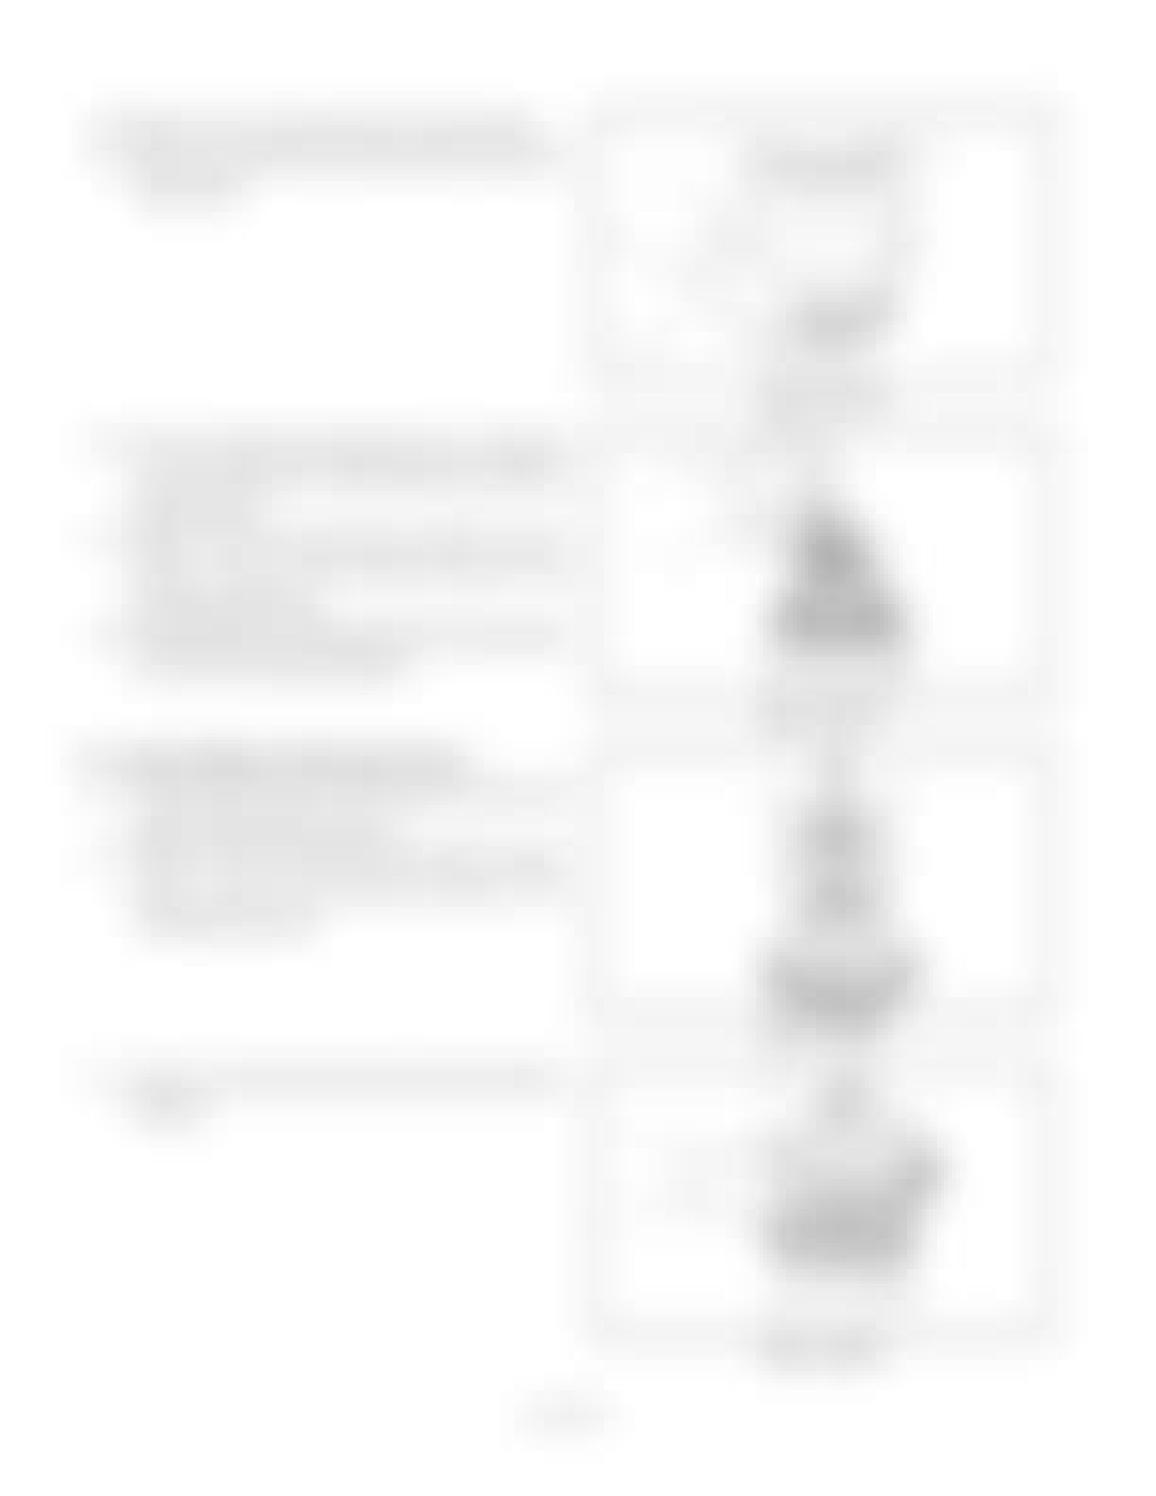 Hitachi LX110-7 LX130-7 LX160-7 LX190-7 LX230-7 Wheel Loader Workshop Manual - PDF DOWNLOAD page 50